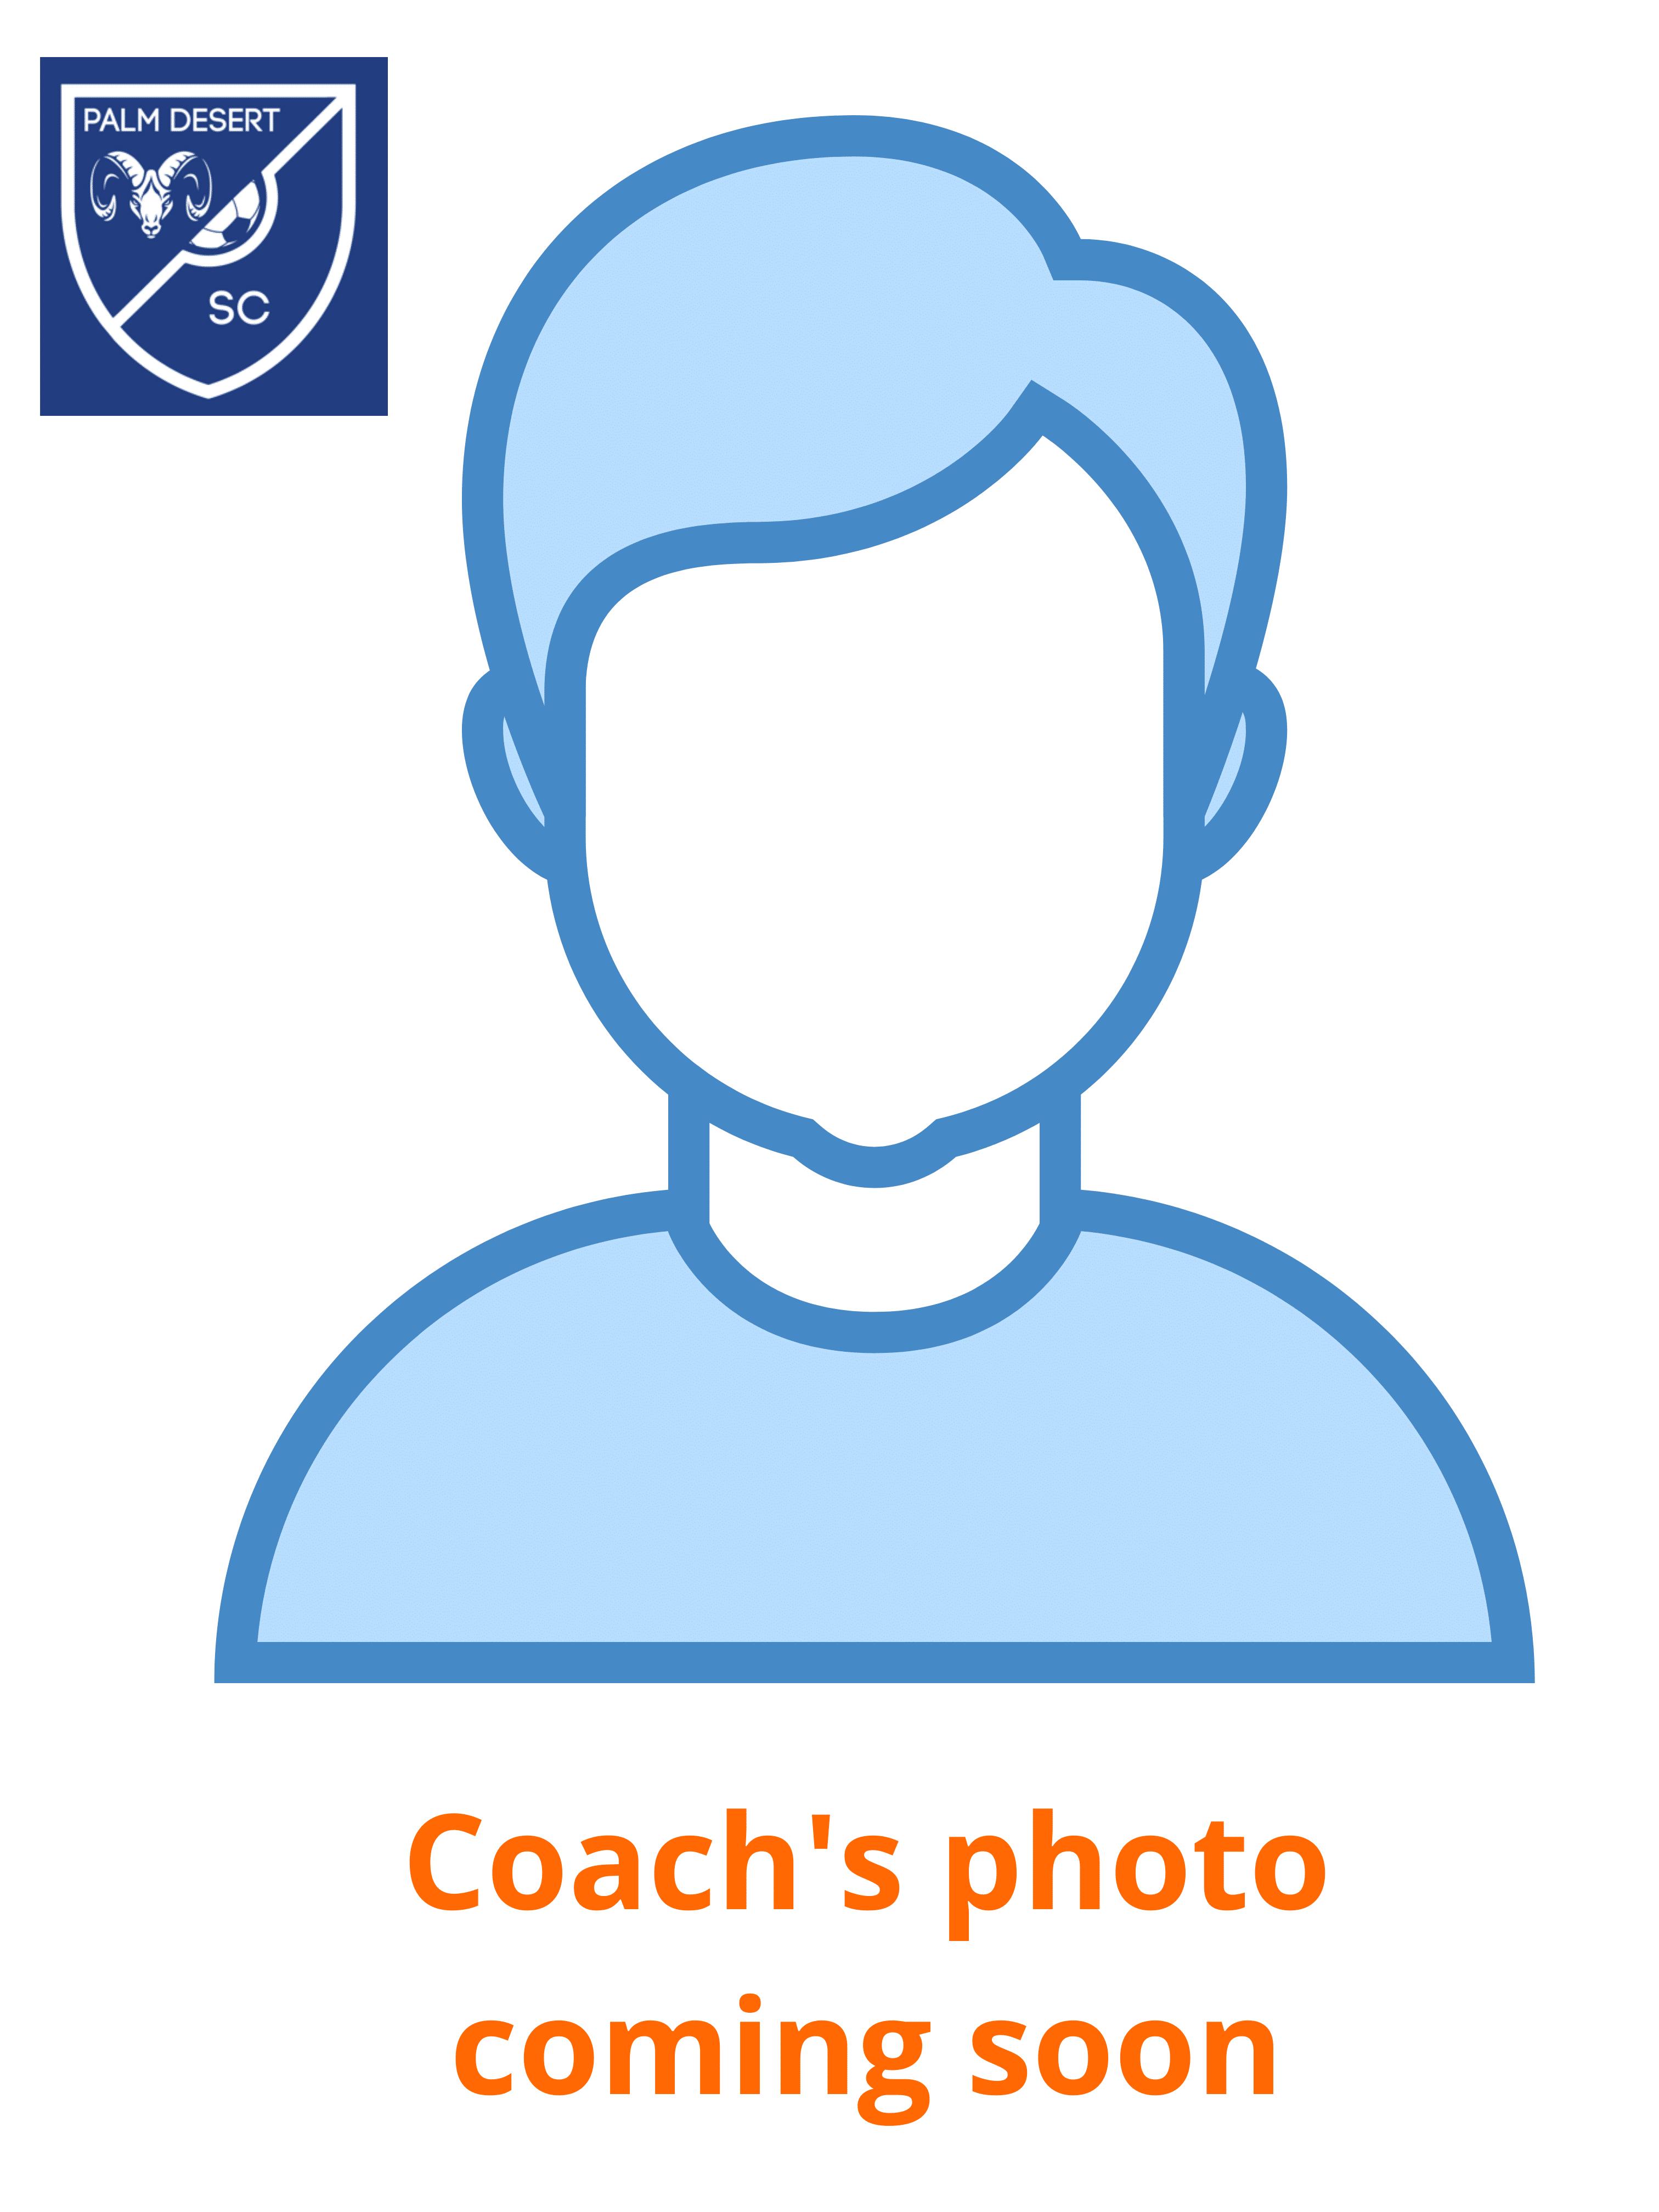 Palm Desert Soccer Club Coach's Photo coming soon